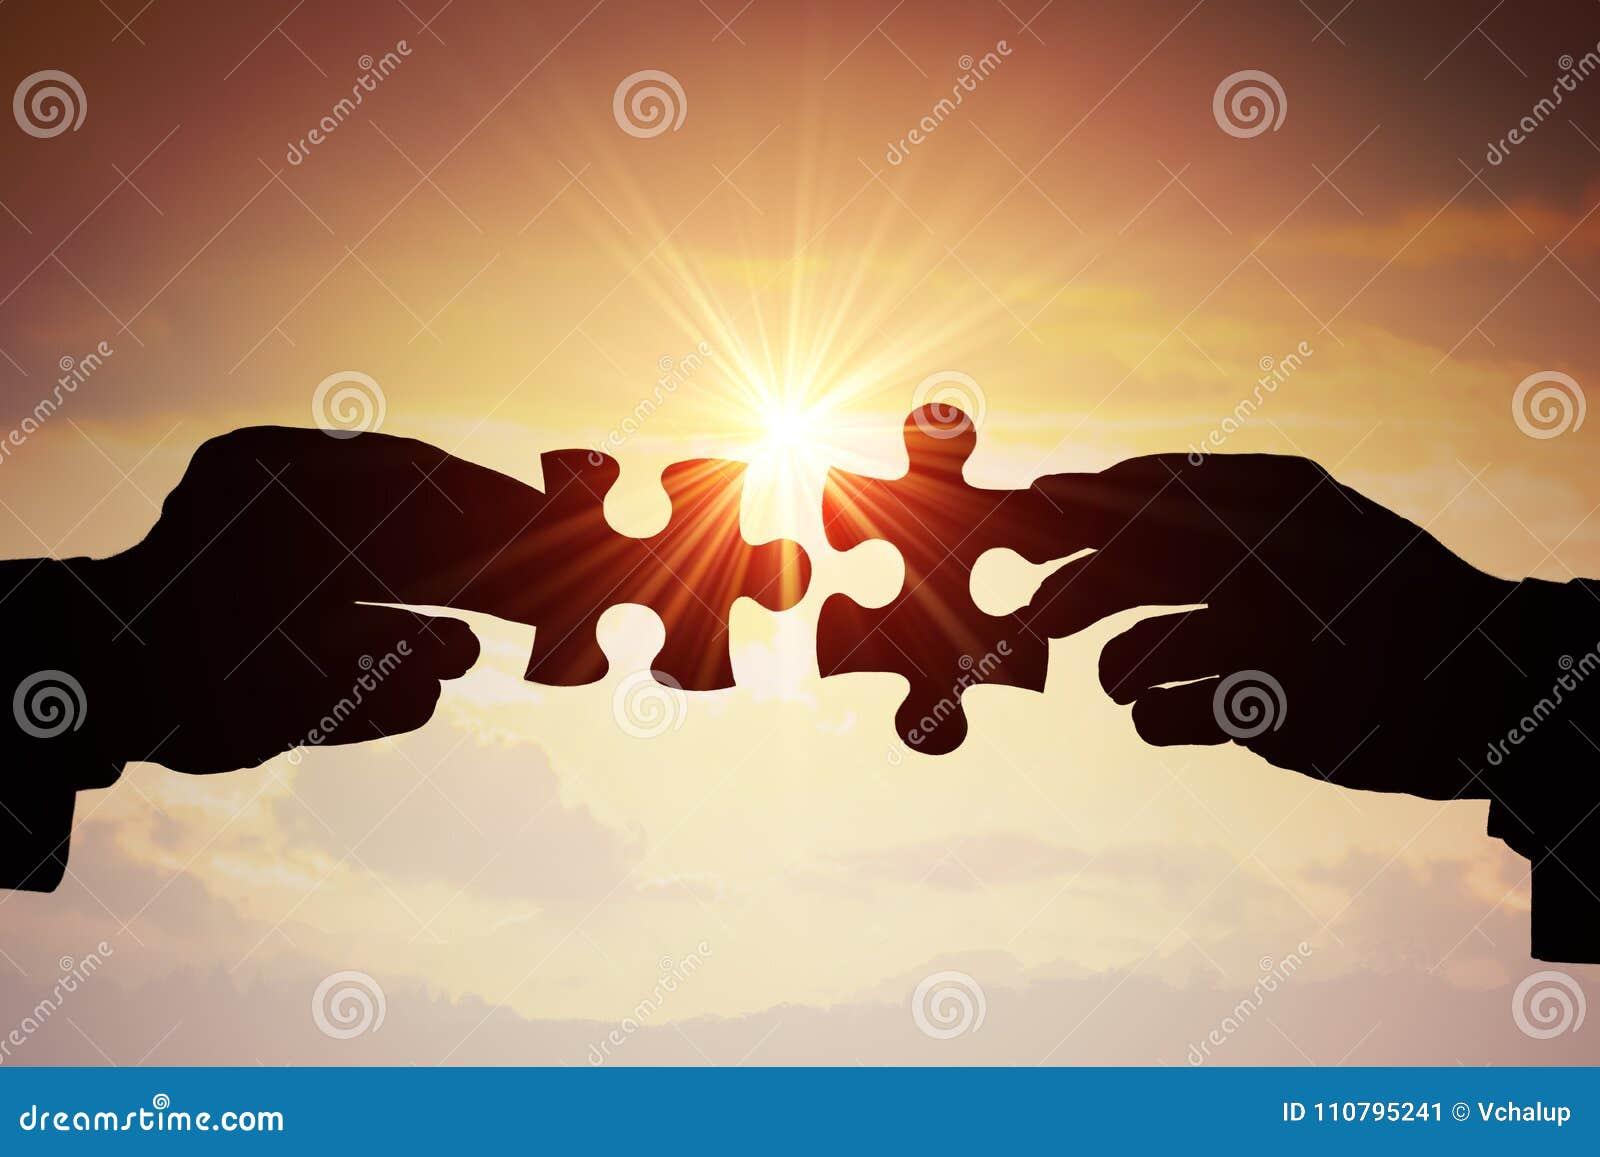 配合、合作和合作概念 一起加入难题的两个片断两只手剪影